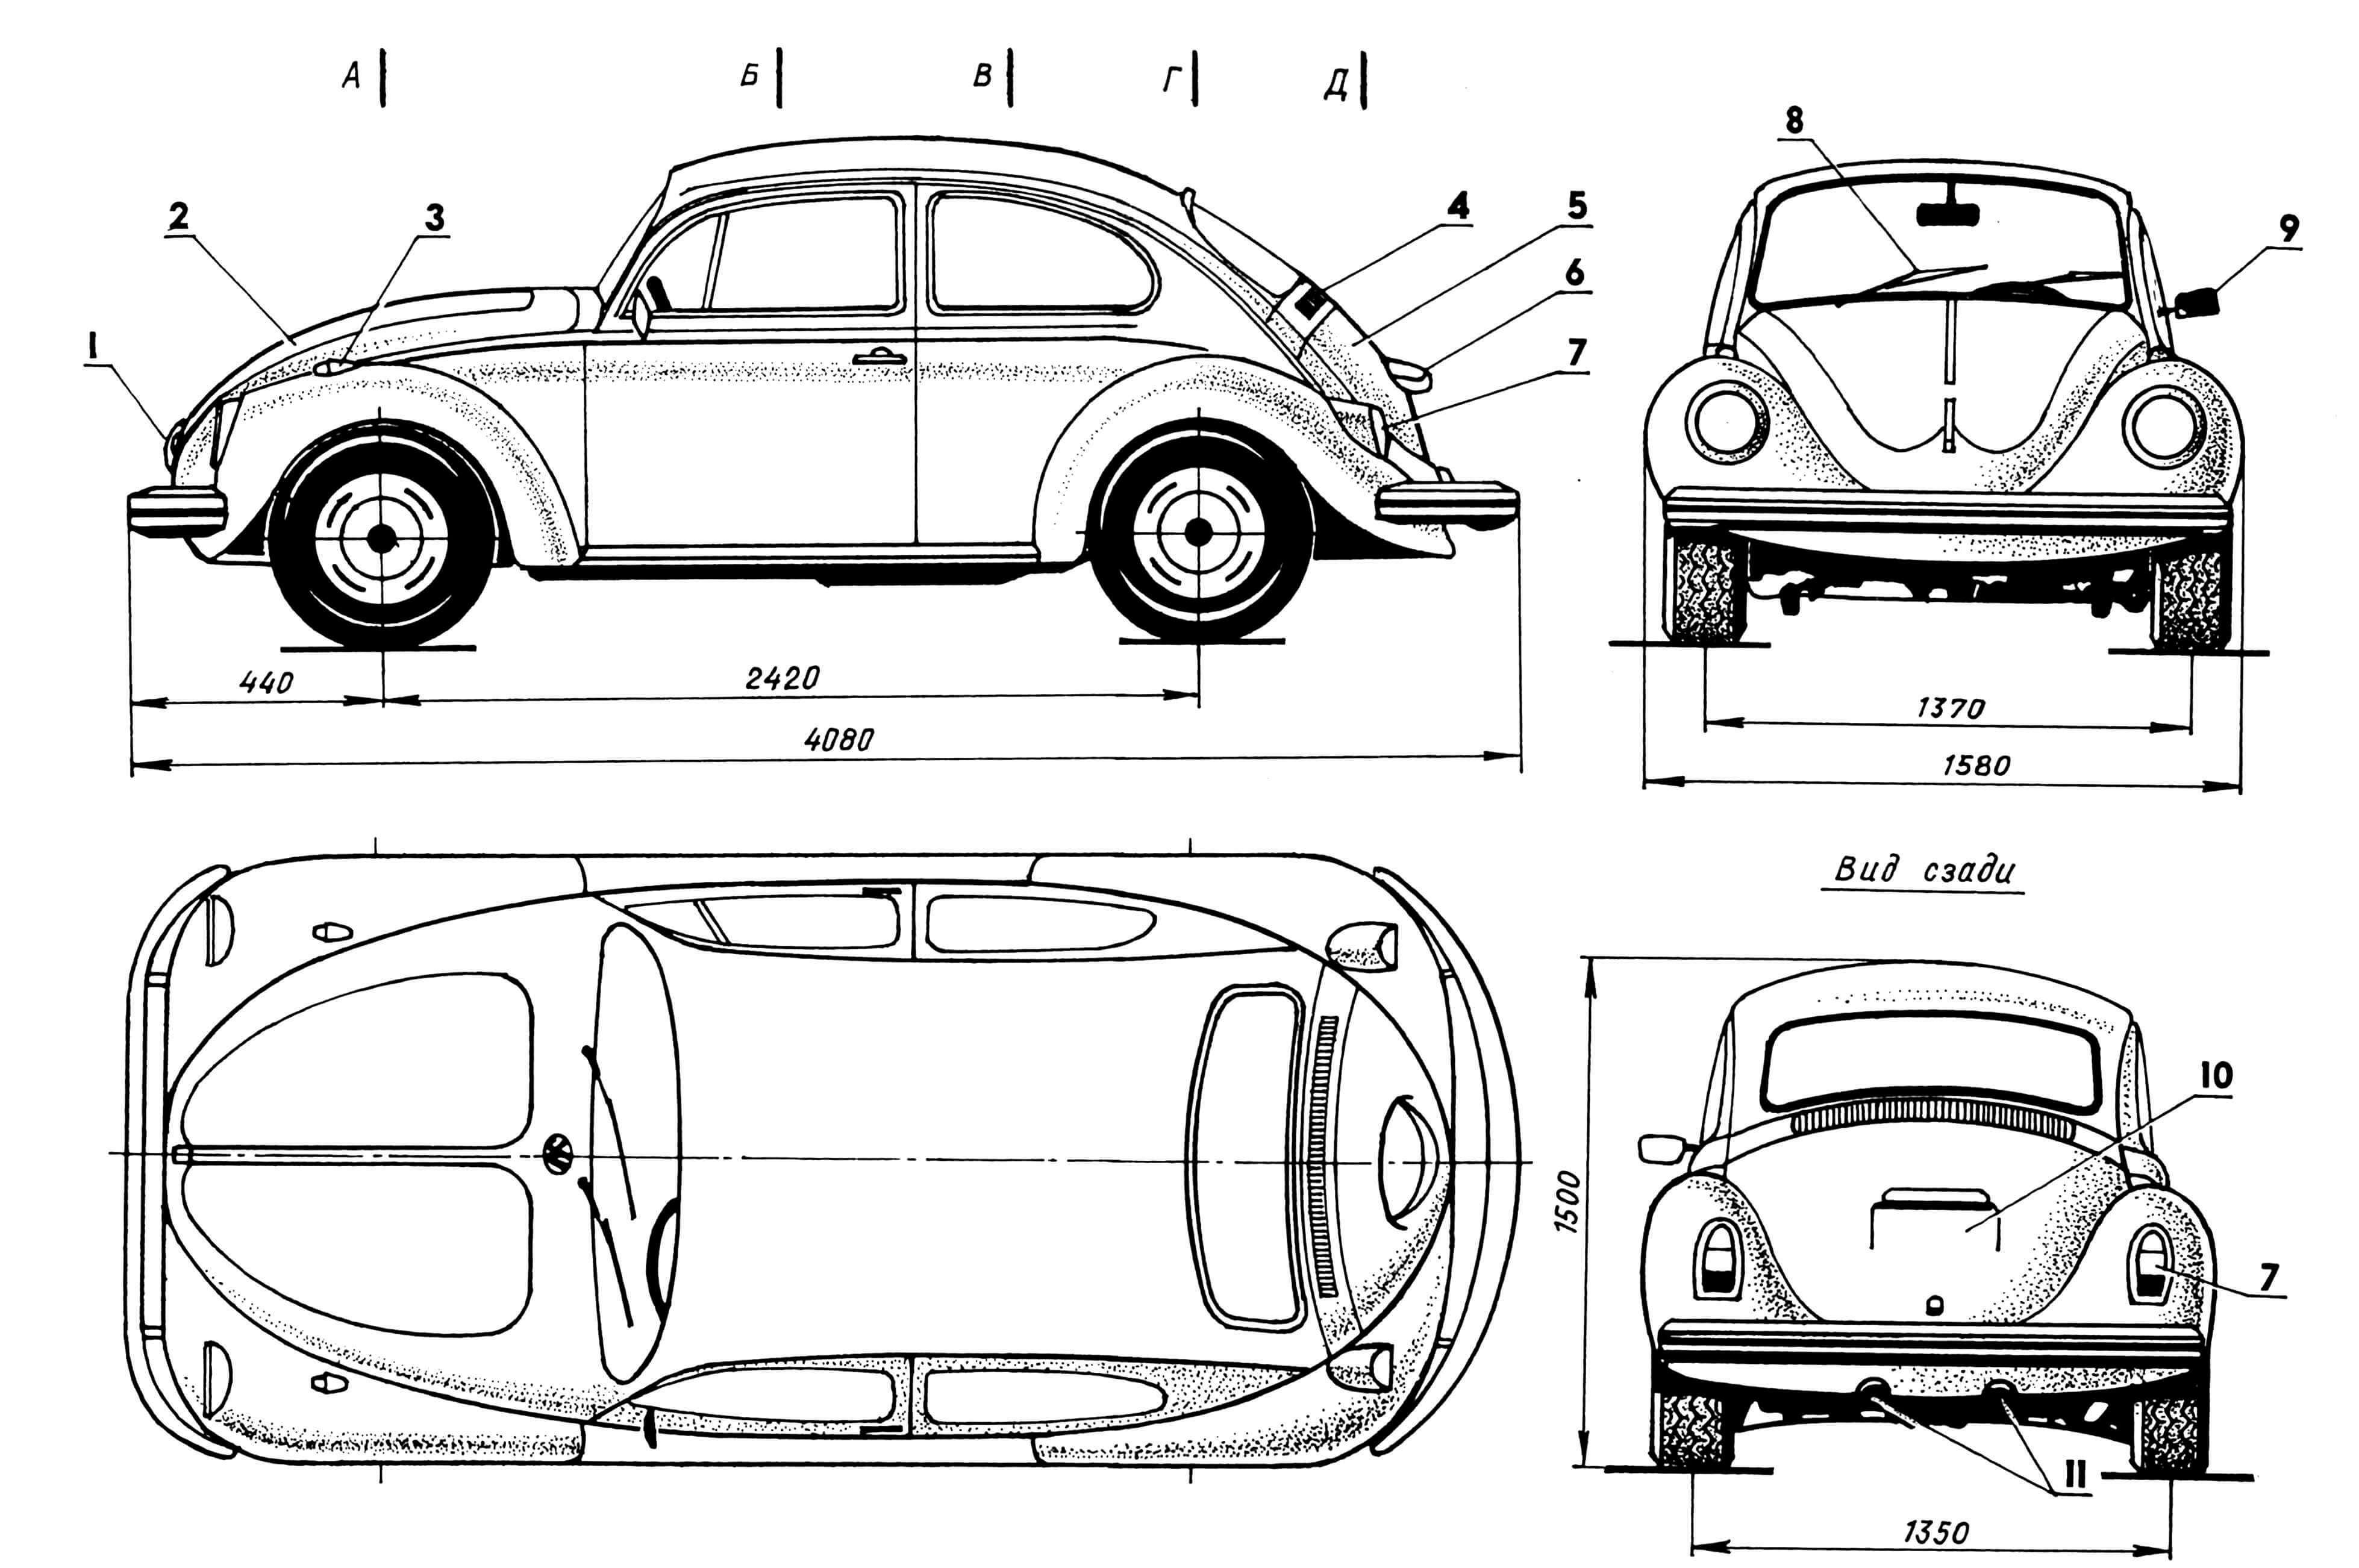 Автомобиль Volkswagen «Жук», модель 1970 года: 1 — ручка капота; 2 — капот багажника; 3 — указатель поворота; 4 — решетка воздухозаборная; 5 — капот двигателя; 6 — козырек лампы освещения номерного знака; 7 — блоки задних фонарей; 8 — стеклоочиститель; 9 — зеркало заднего обзора, боковое; 10 — площадка размещения номерного знака; 11 — трубы выхлопные.